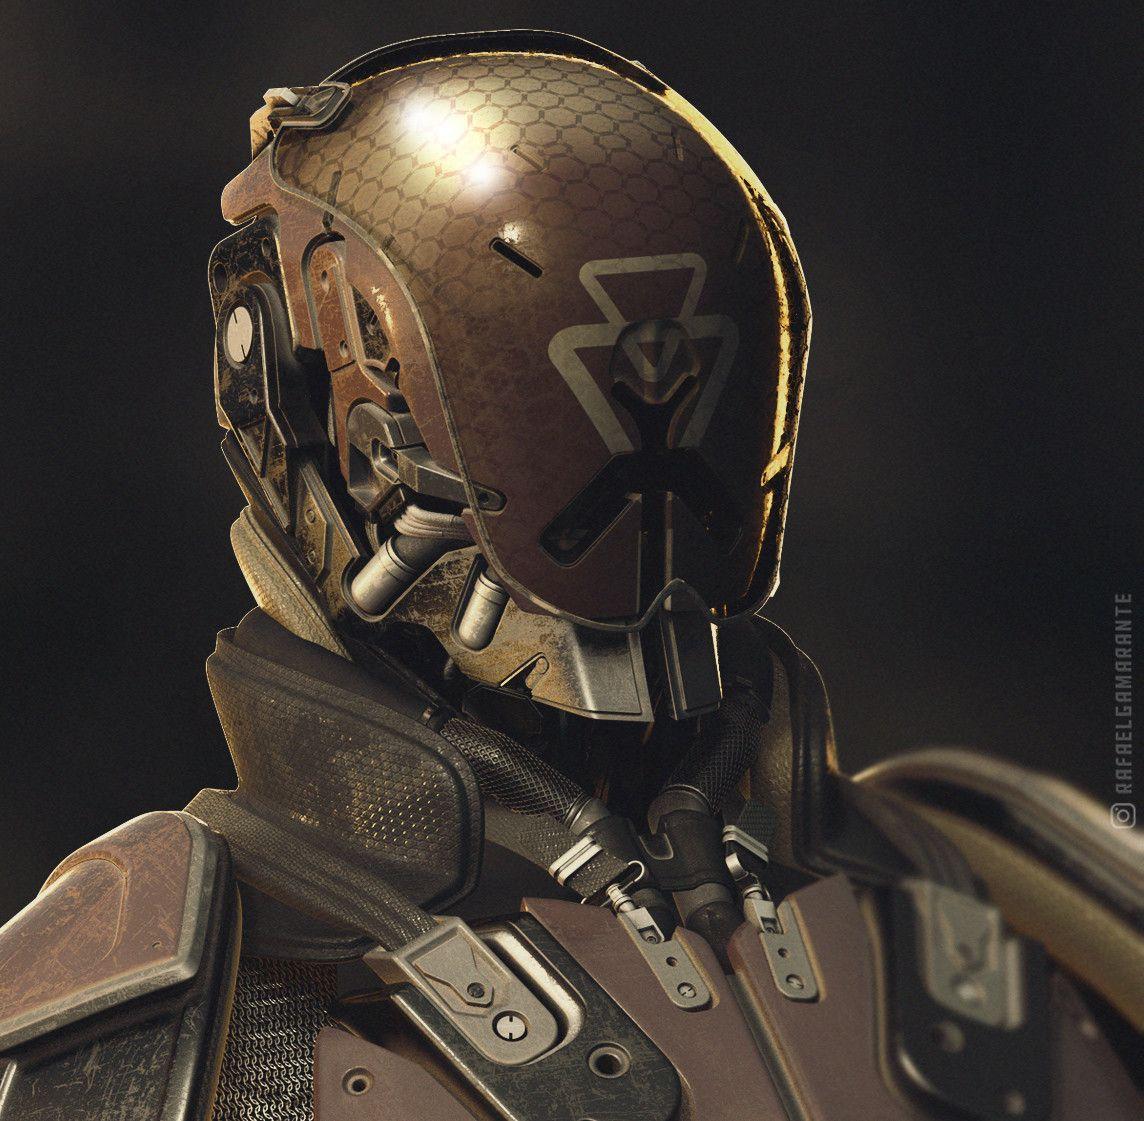 Artstation X 01 Rafael Amarante Armor Concept Futuristic Armour Sci Fi Armor